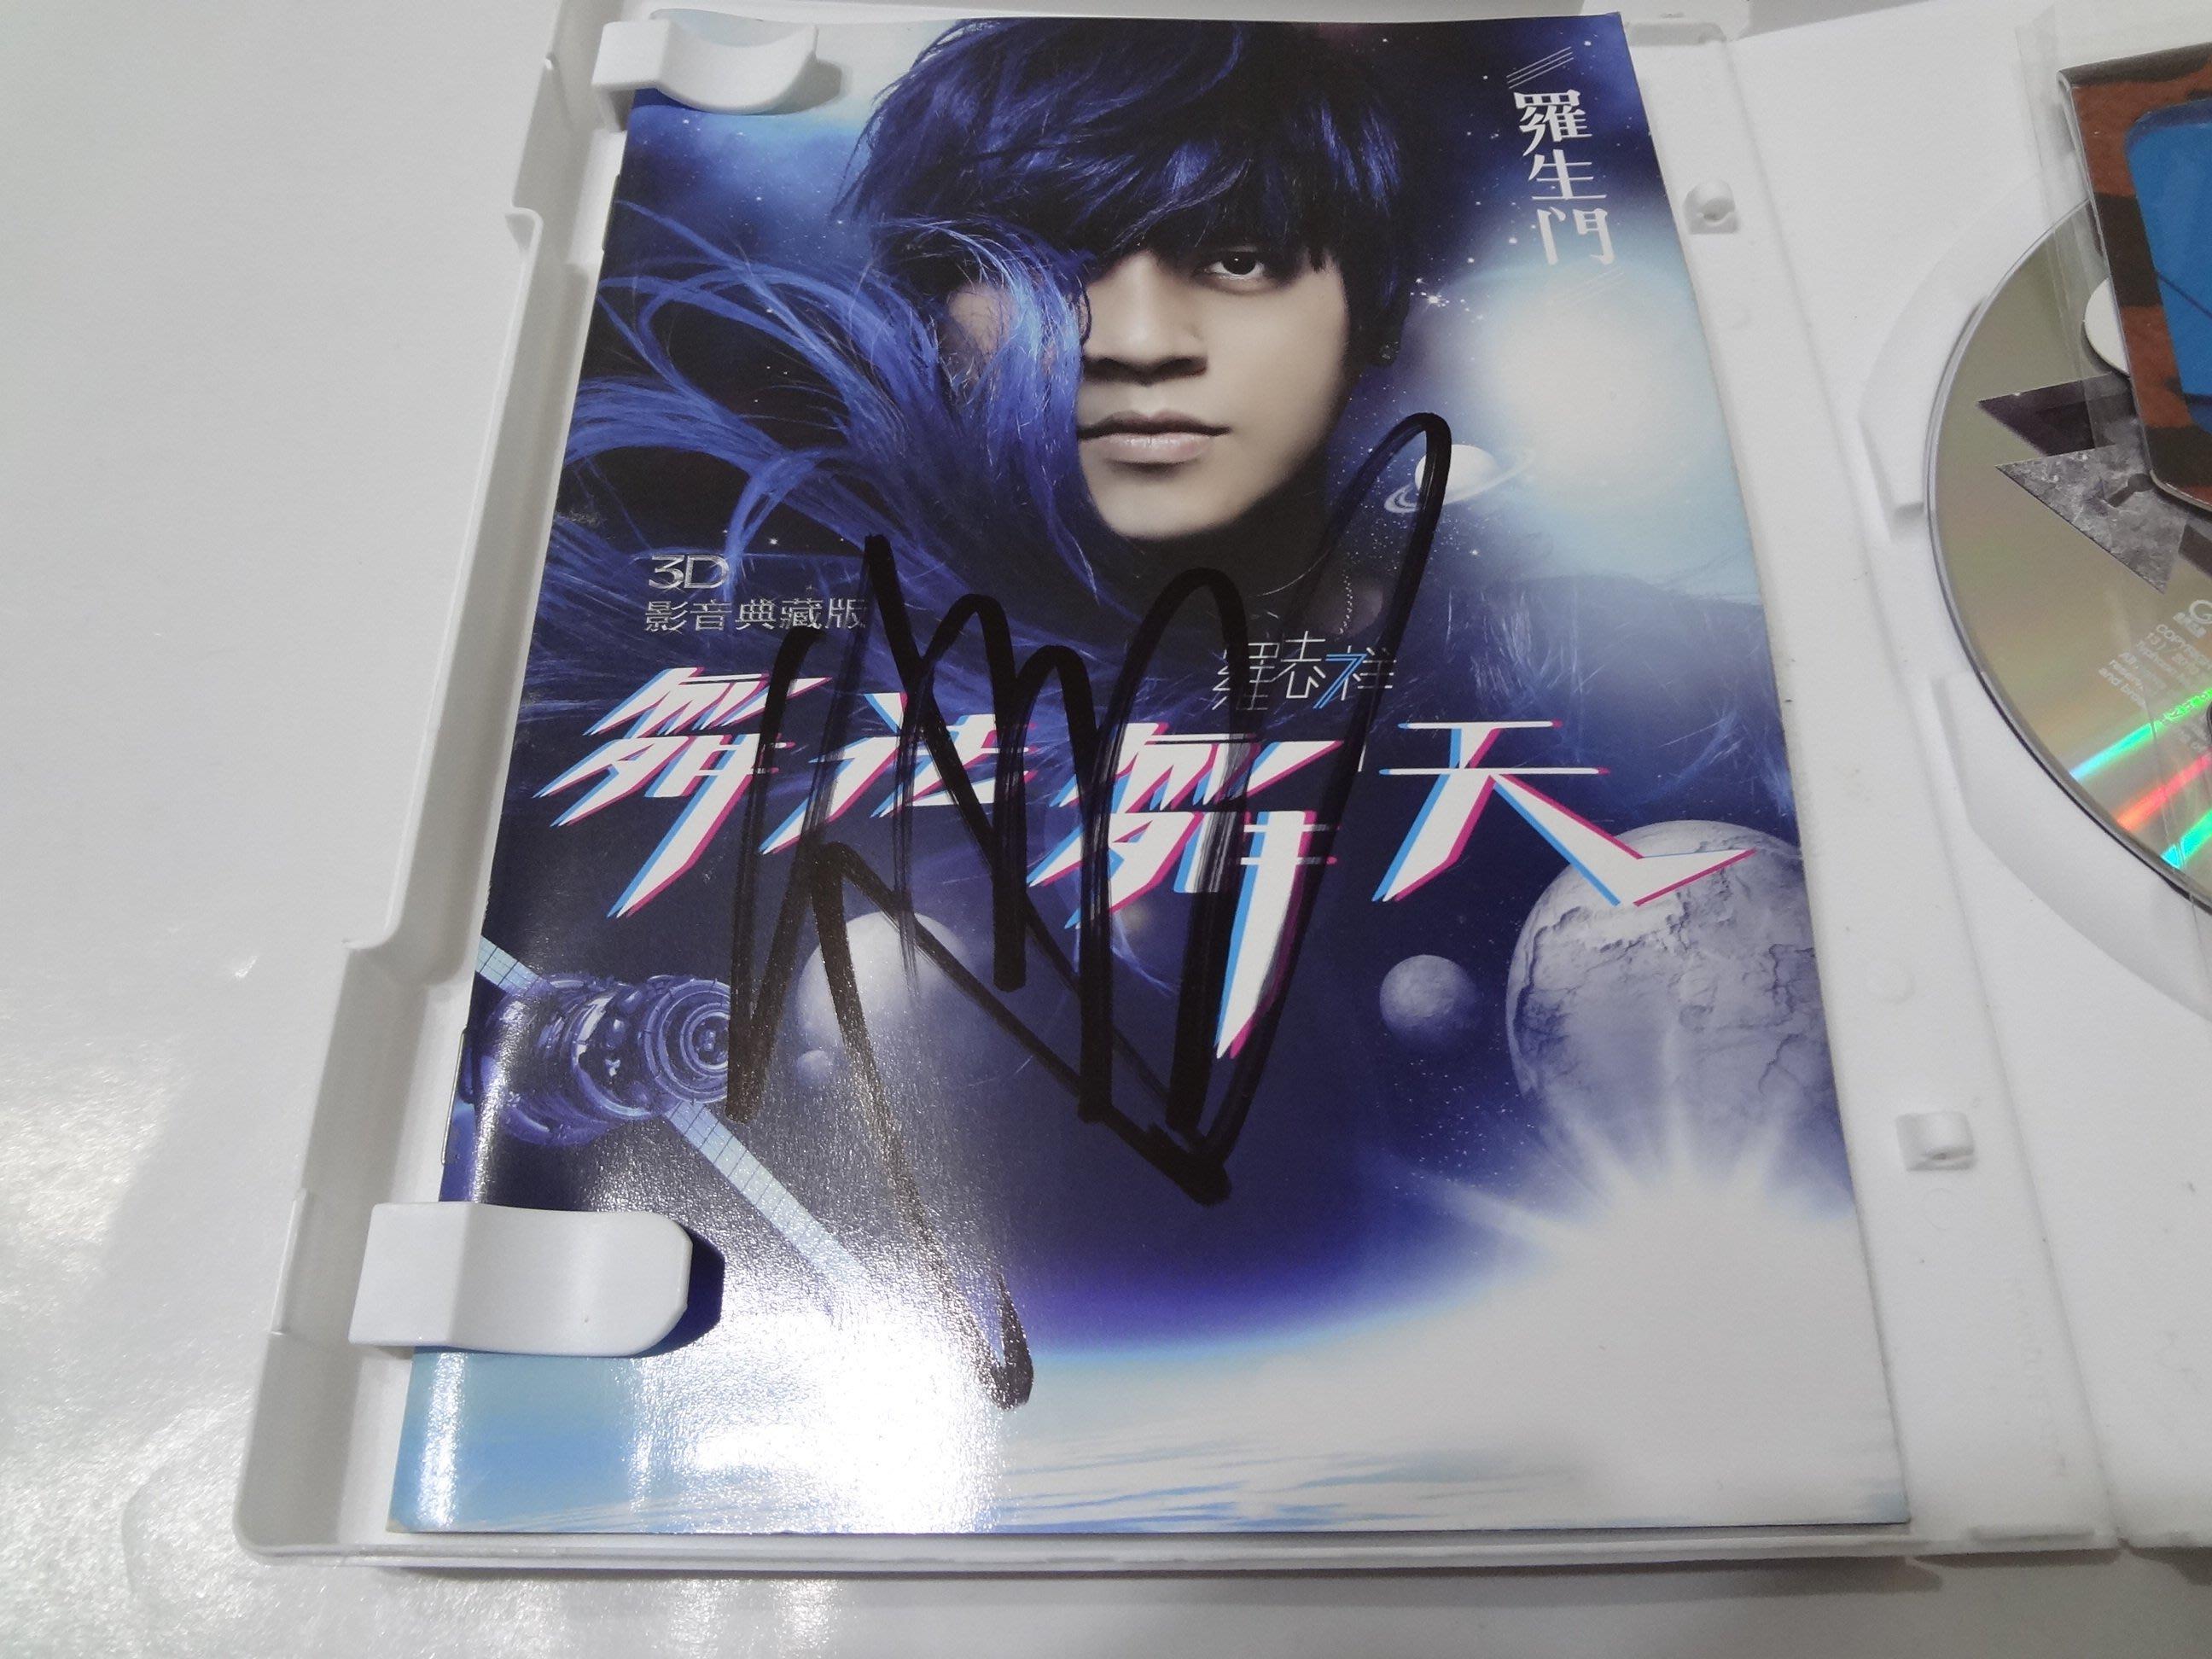 親筆簽名 羅志祥  羅生門 舞法舞天3D影音CD+DVD典藏版 簽名專輯